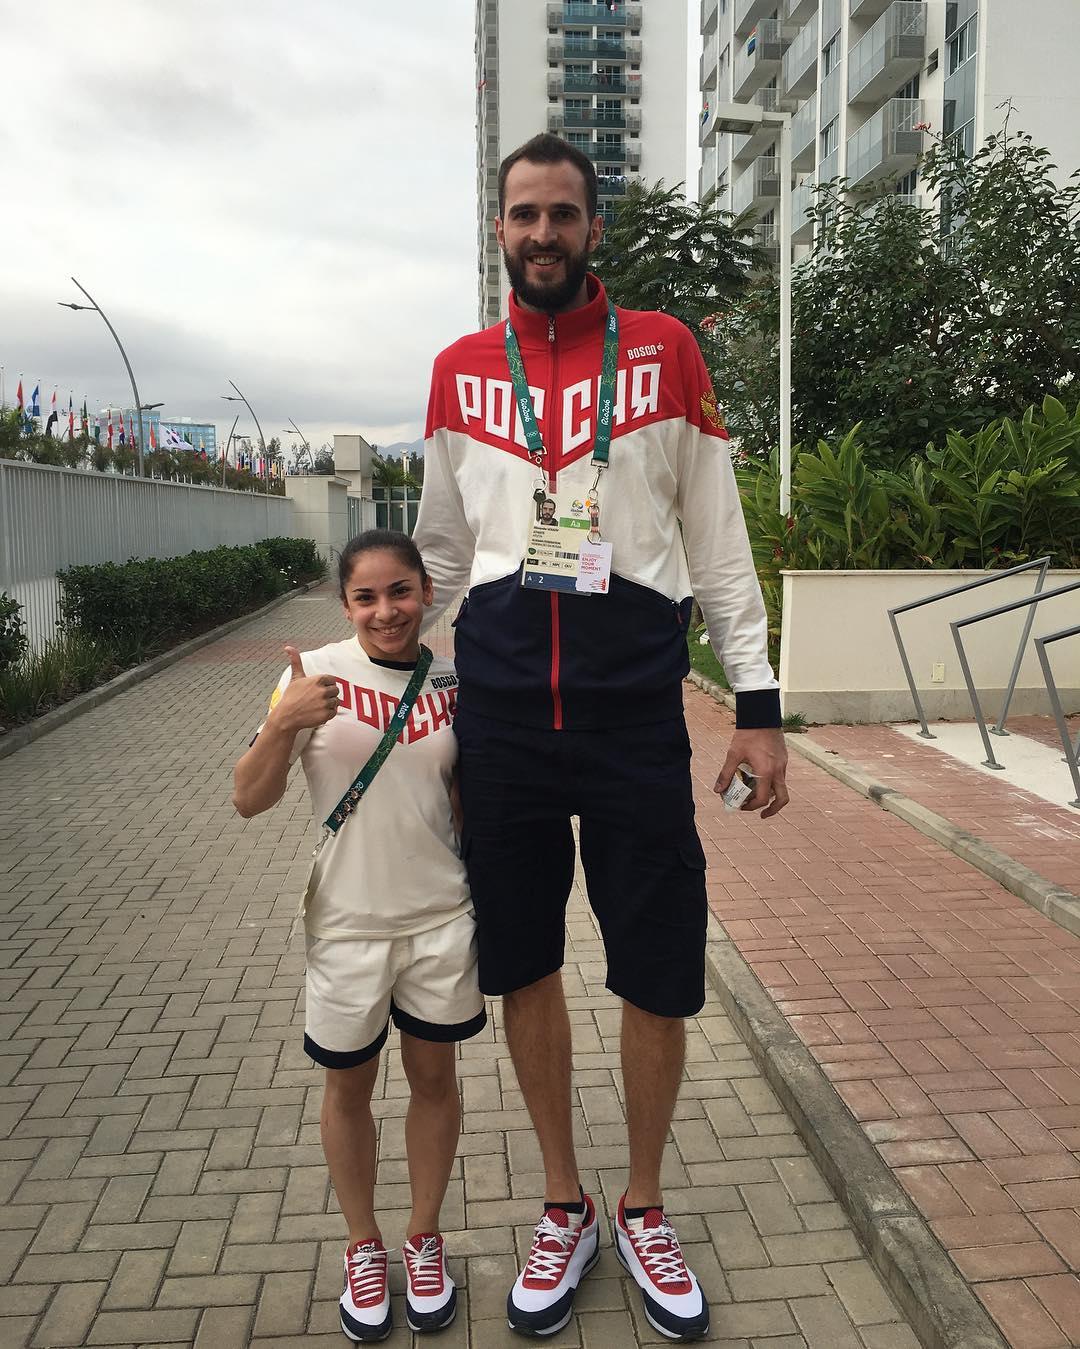 Як виглядають найдивніші росіяни на Олімпіаді в Ріо - фото 1